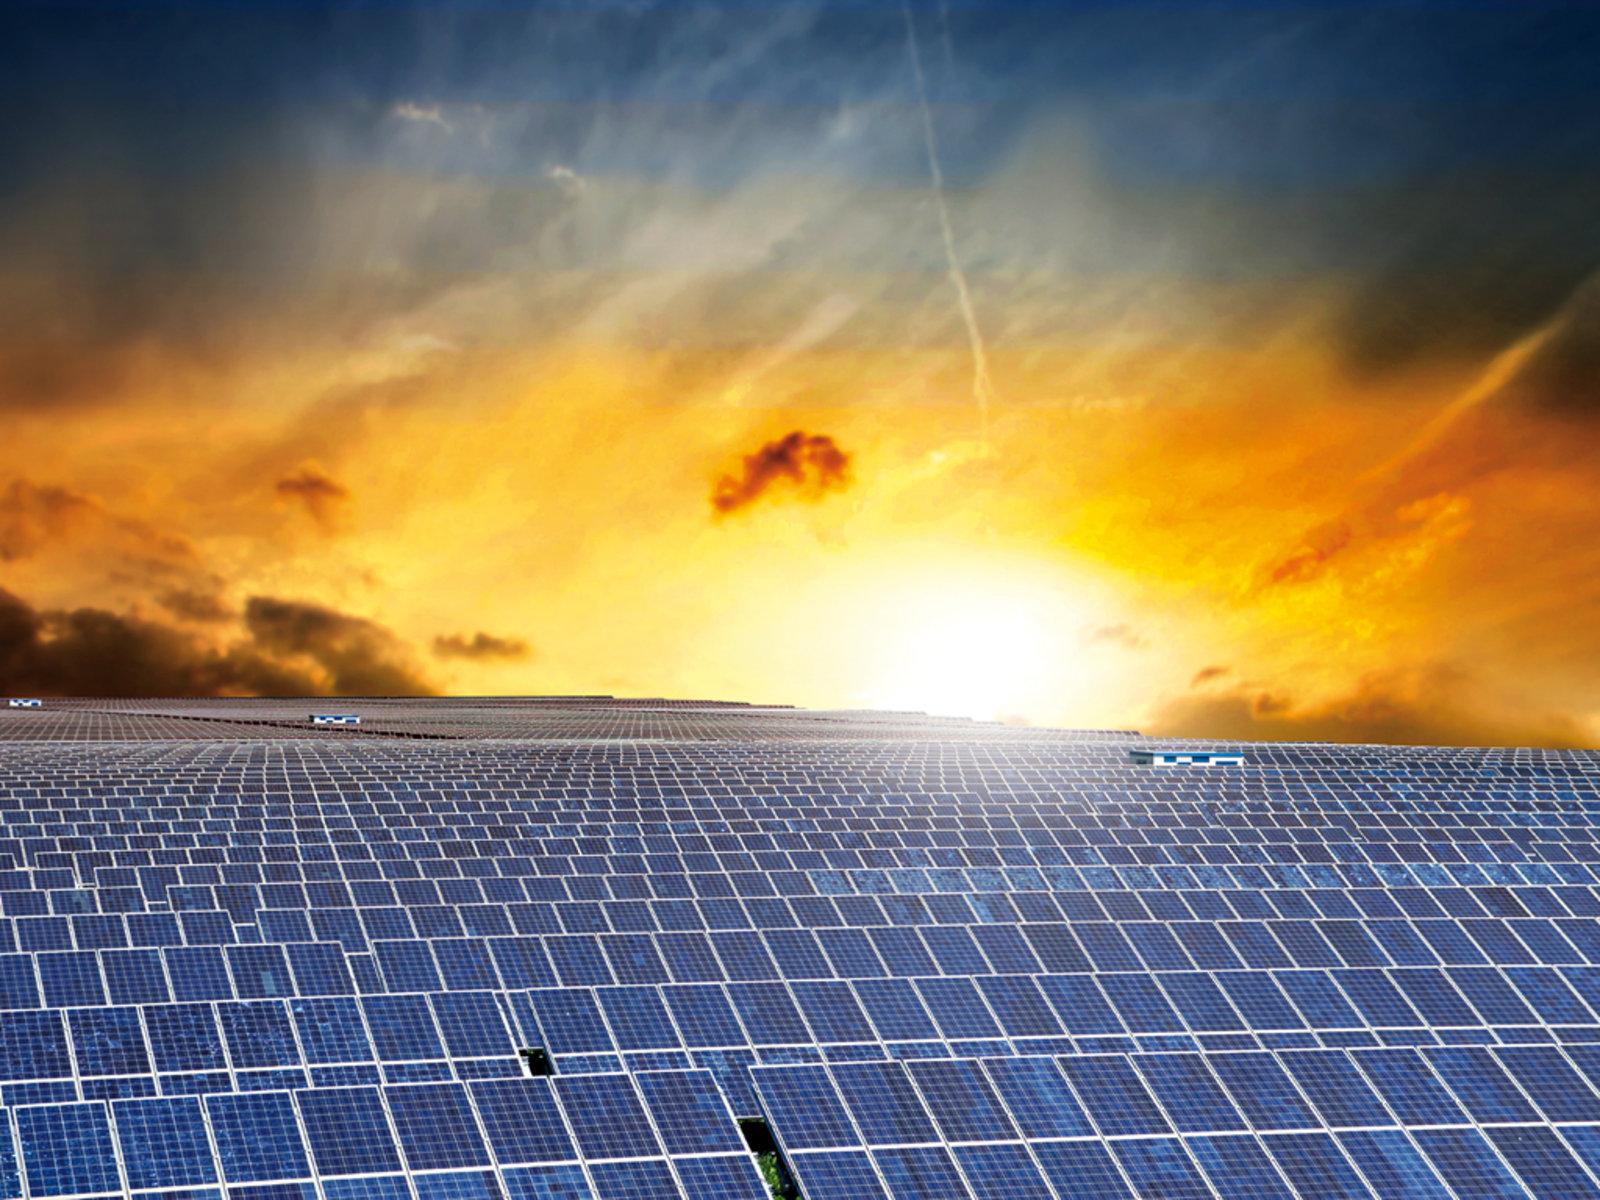 Pannelli fotovoltaici: come scegliere e cosa considerare